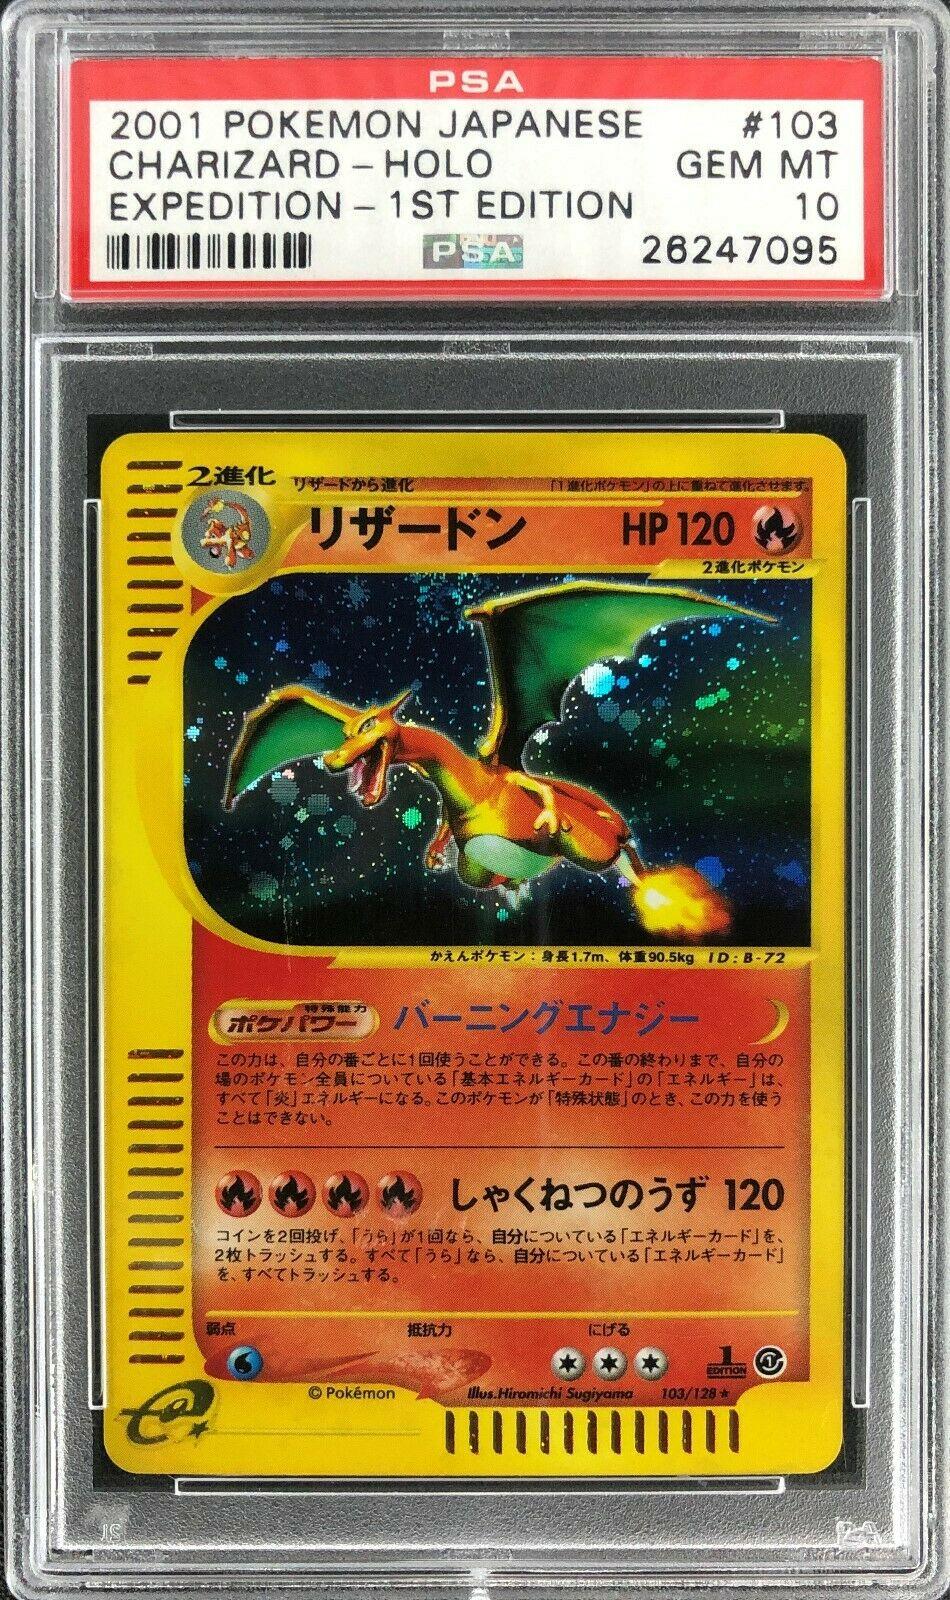 1st Edition Charizard Expedition Holo Shiny Pokemon Card Mint PSA 10